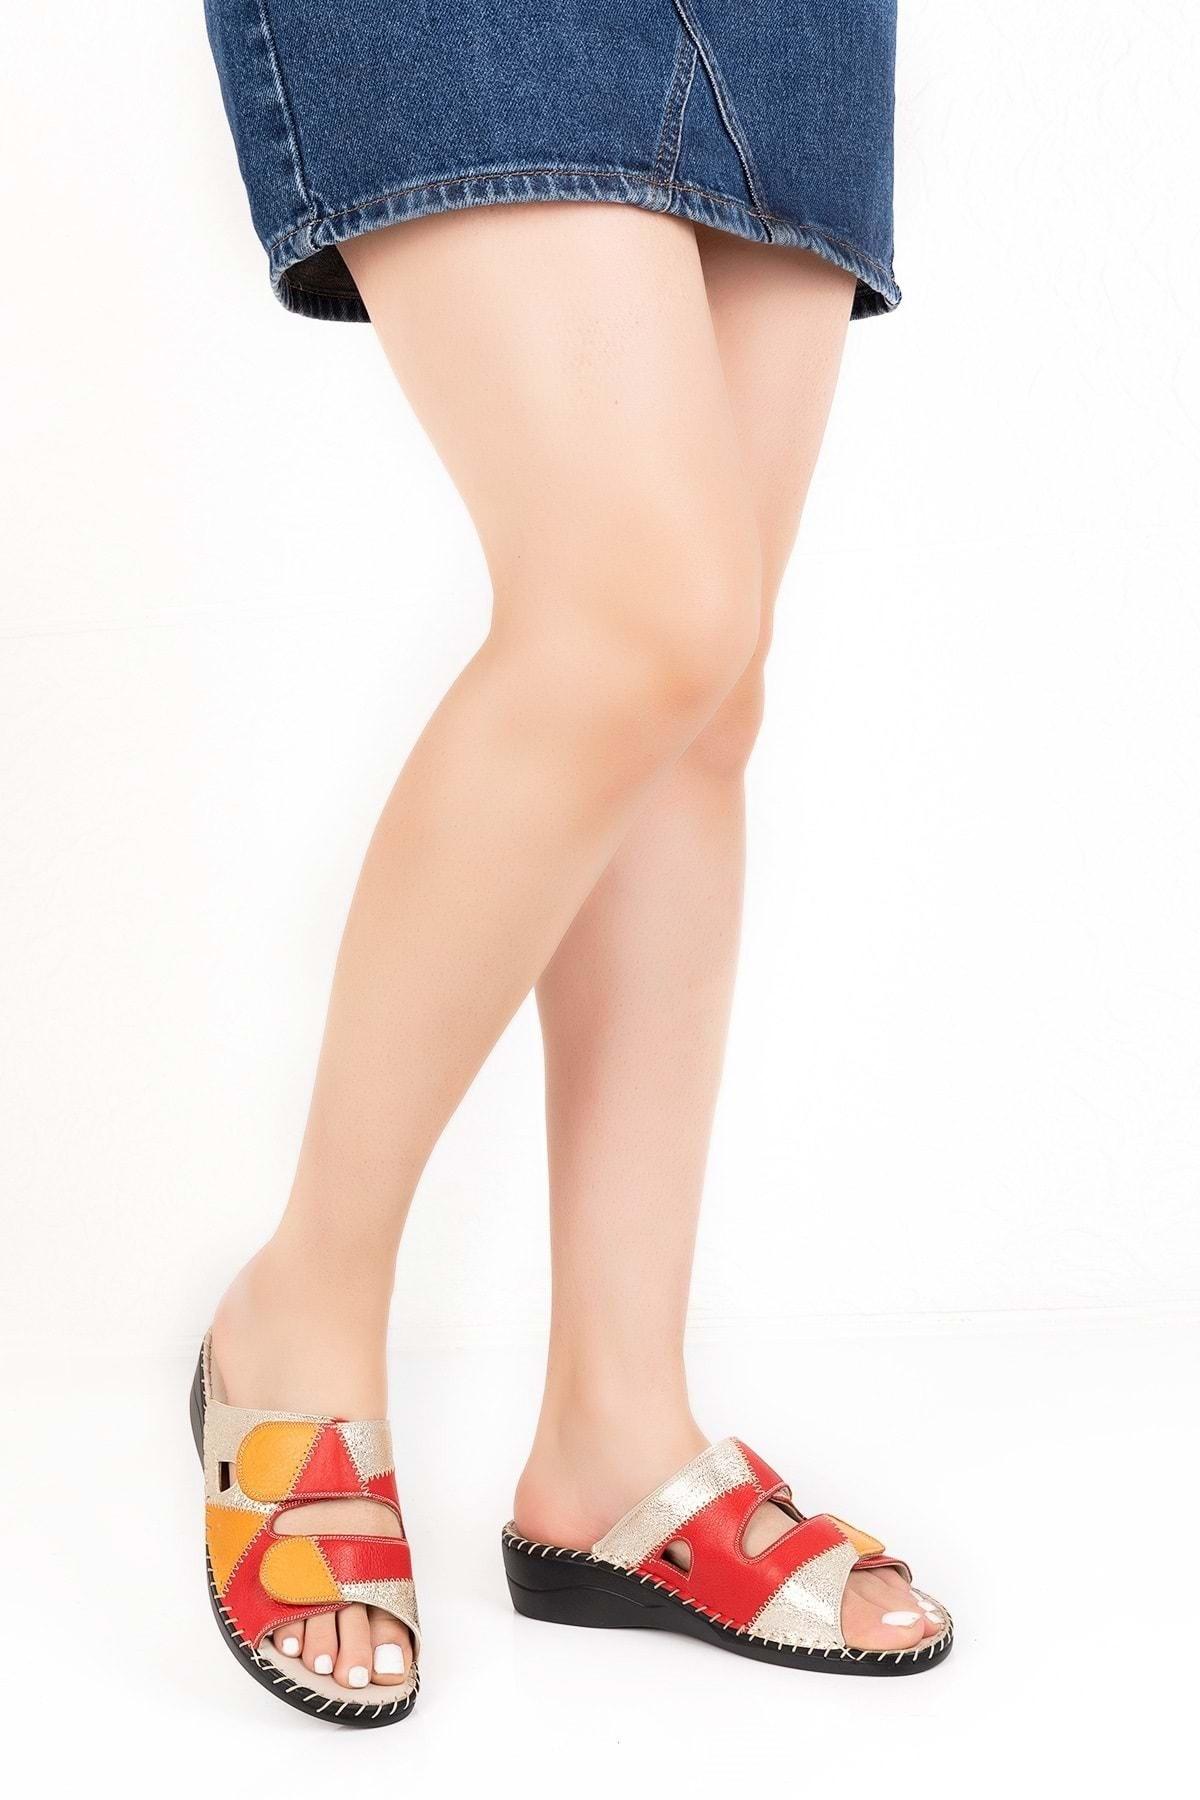 Gondol Kadın Kırmızı Hakiki Deri Çok Renkli Yumuşak Anatomik Taban Terlik 1